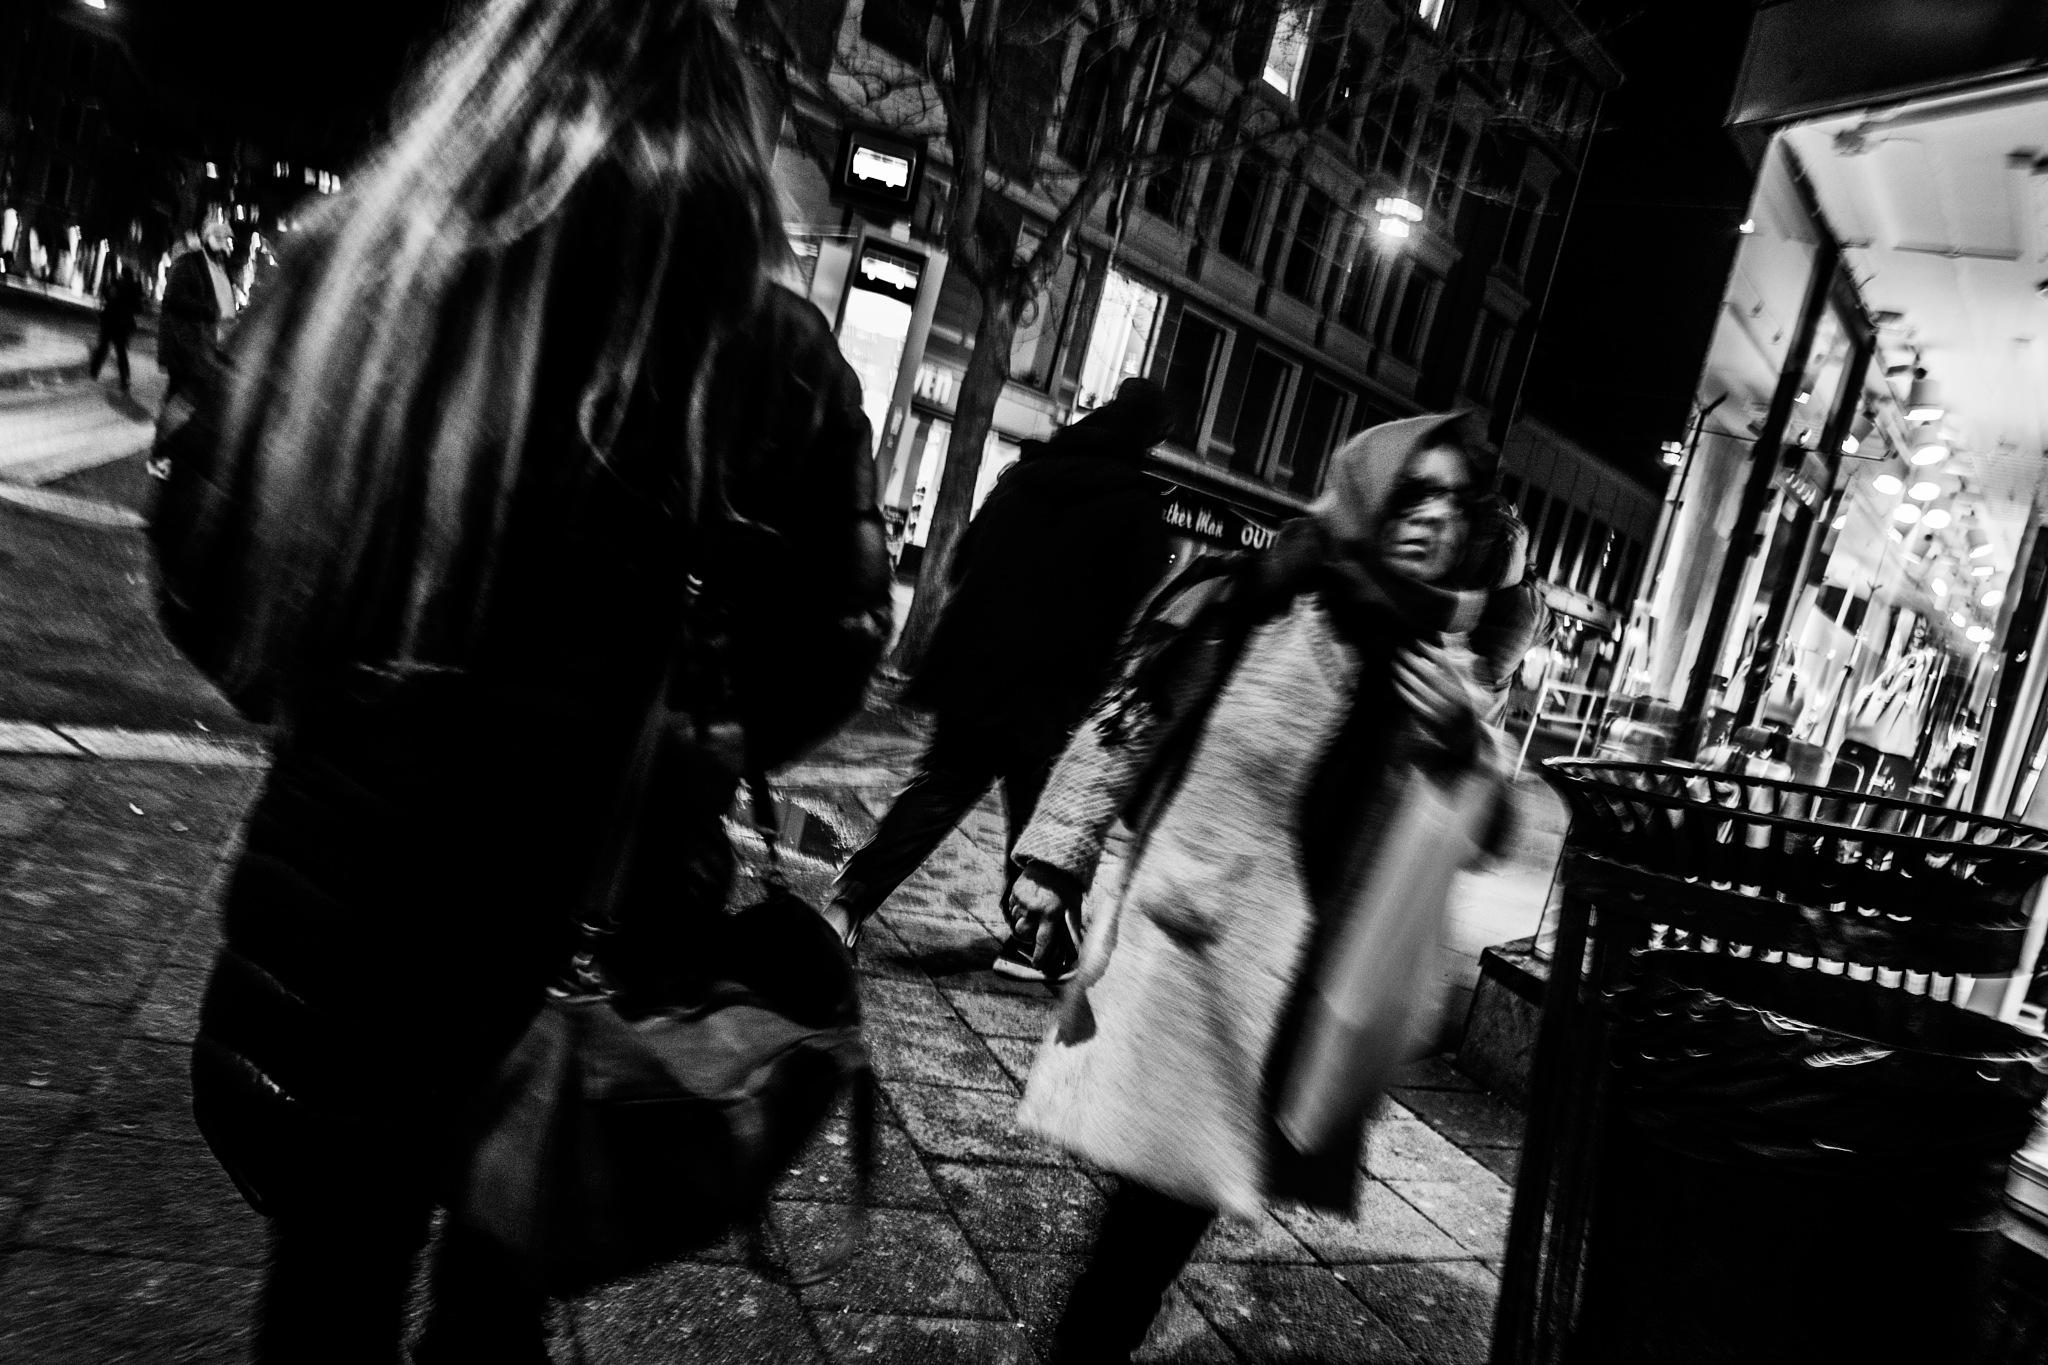 NIGHT FACES IN GOTHAM CITY by Goran Jorganovich